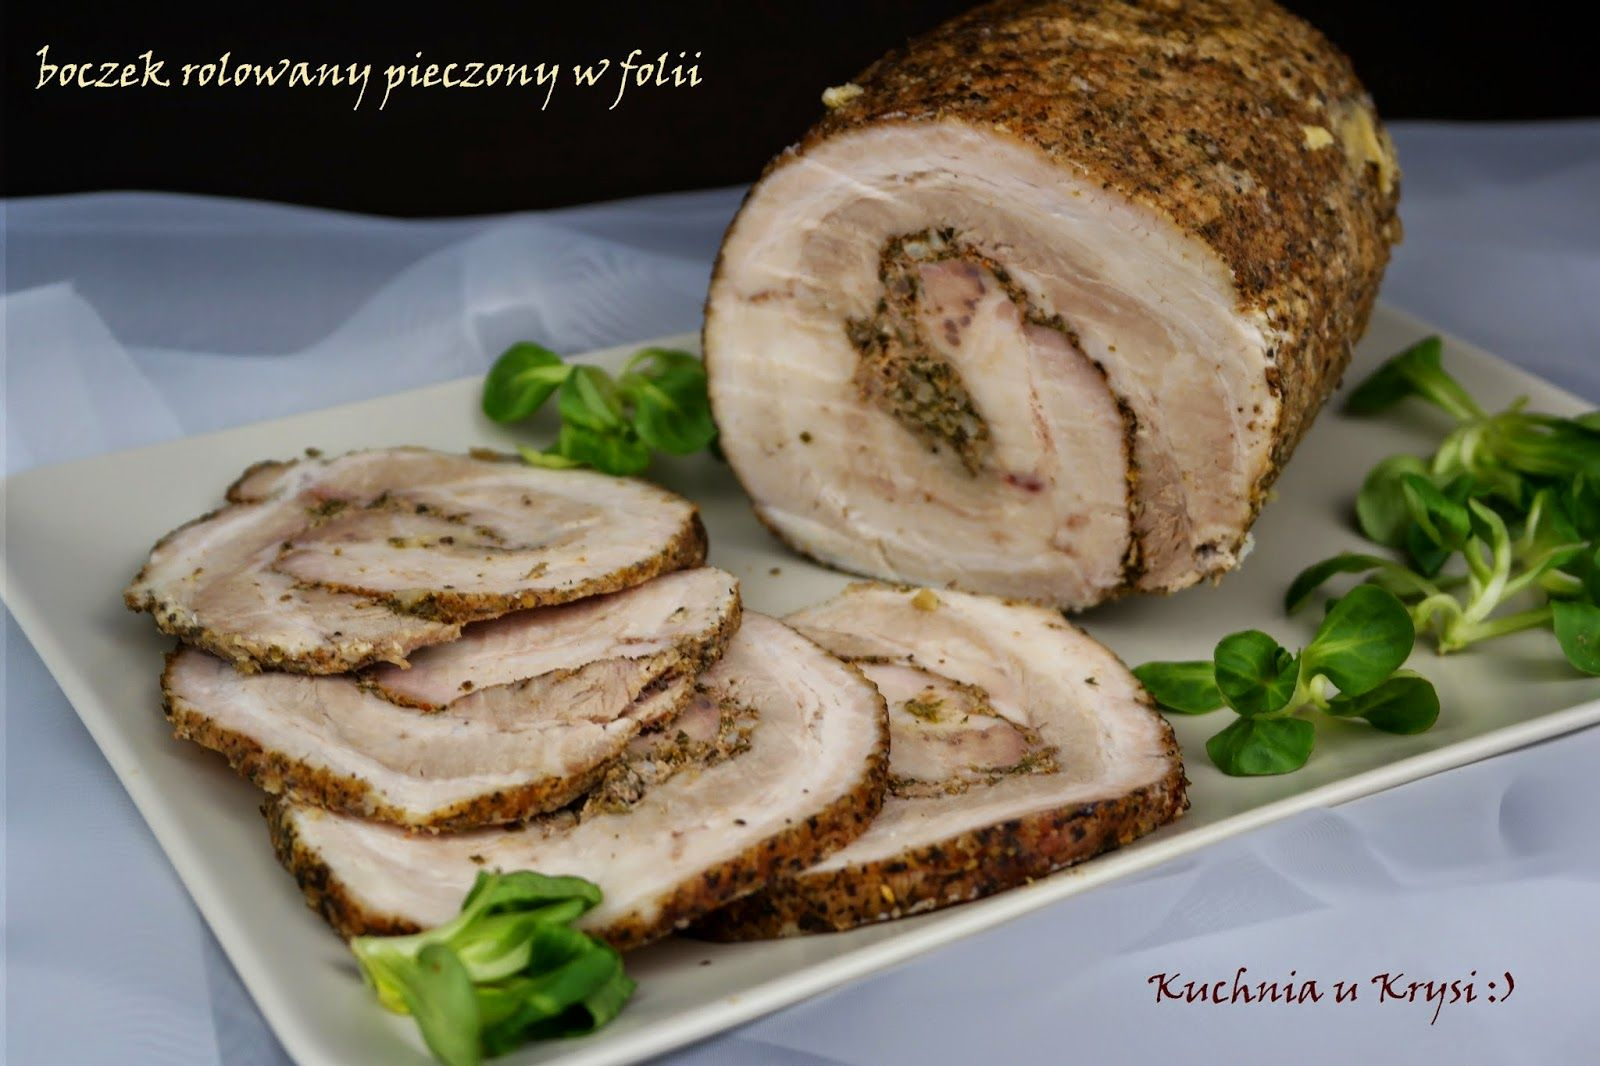 Kuchnia U Krysi Boczek Rolowany Pieczony W Folii Culinary Recipes Food Cooking